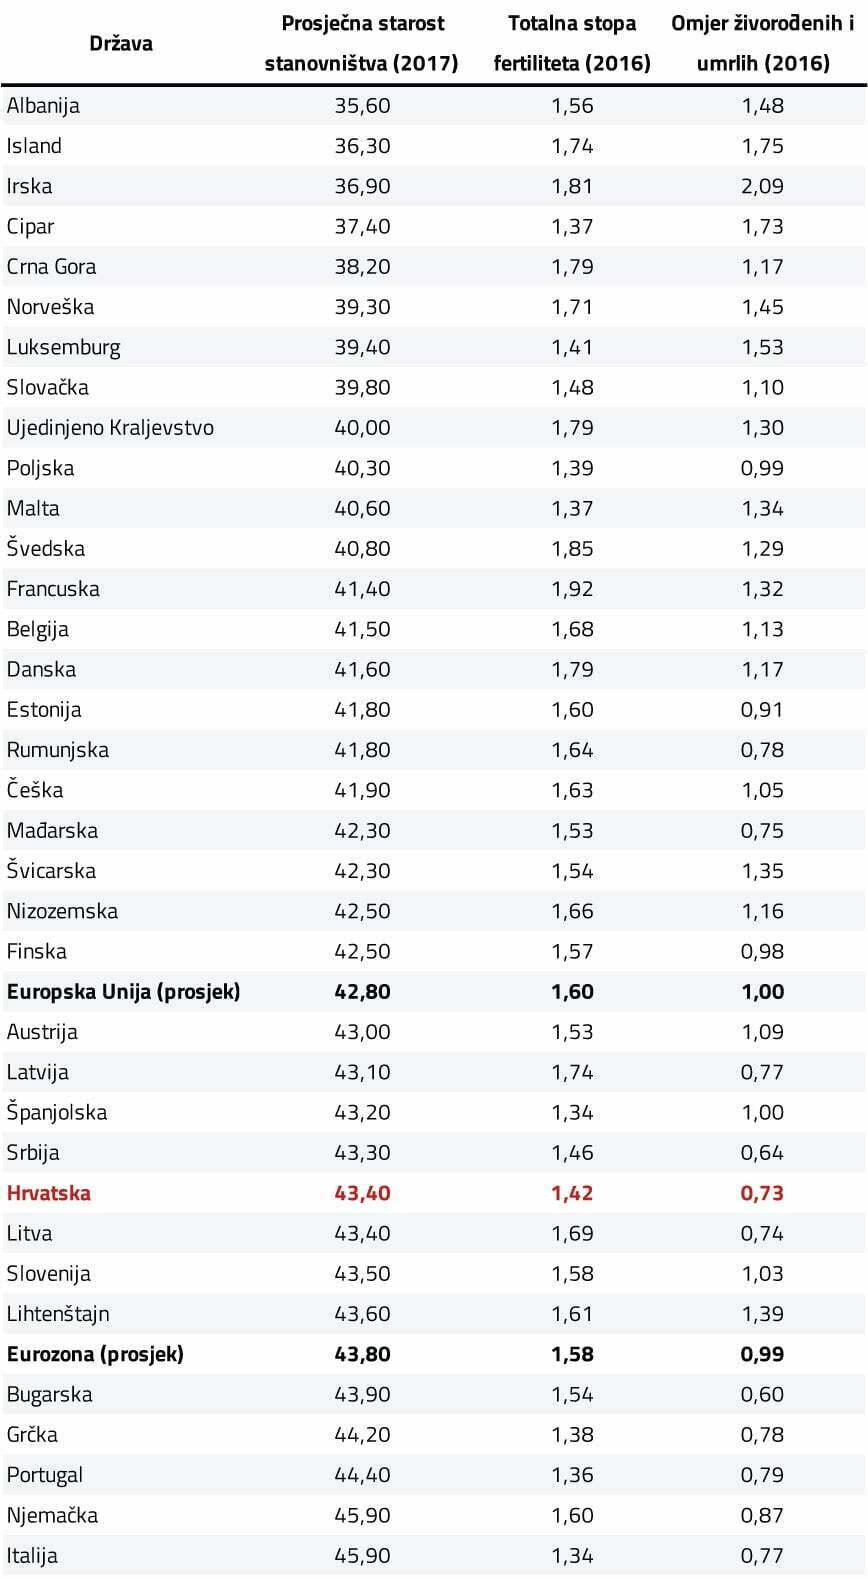 Odabrani demografski pokazatelji za europske drzave